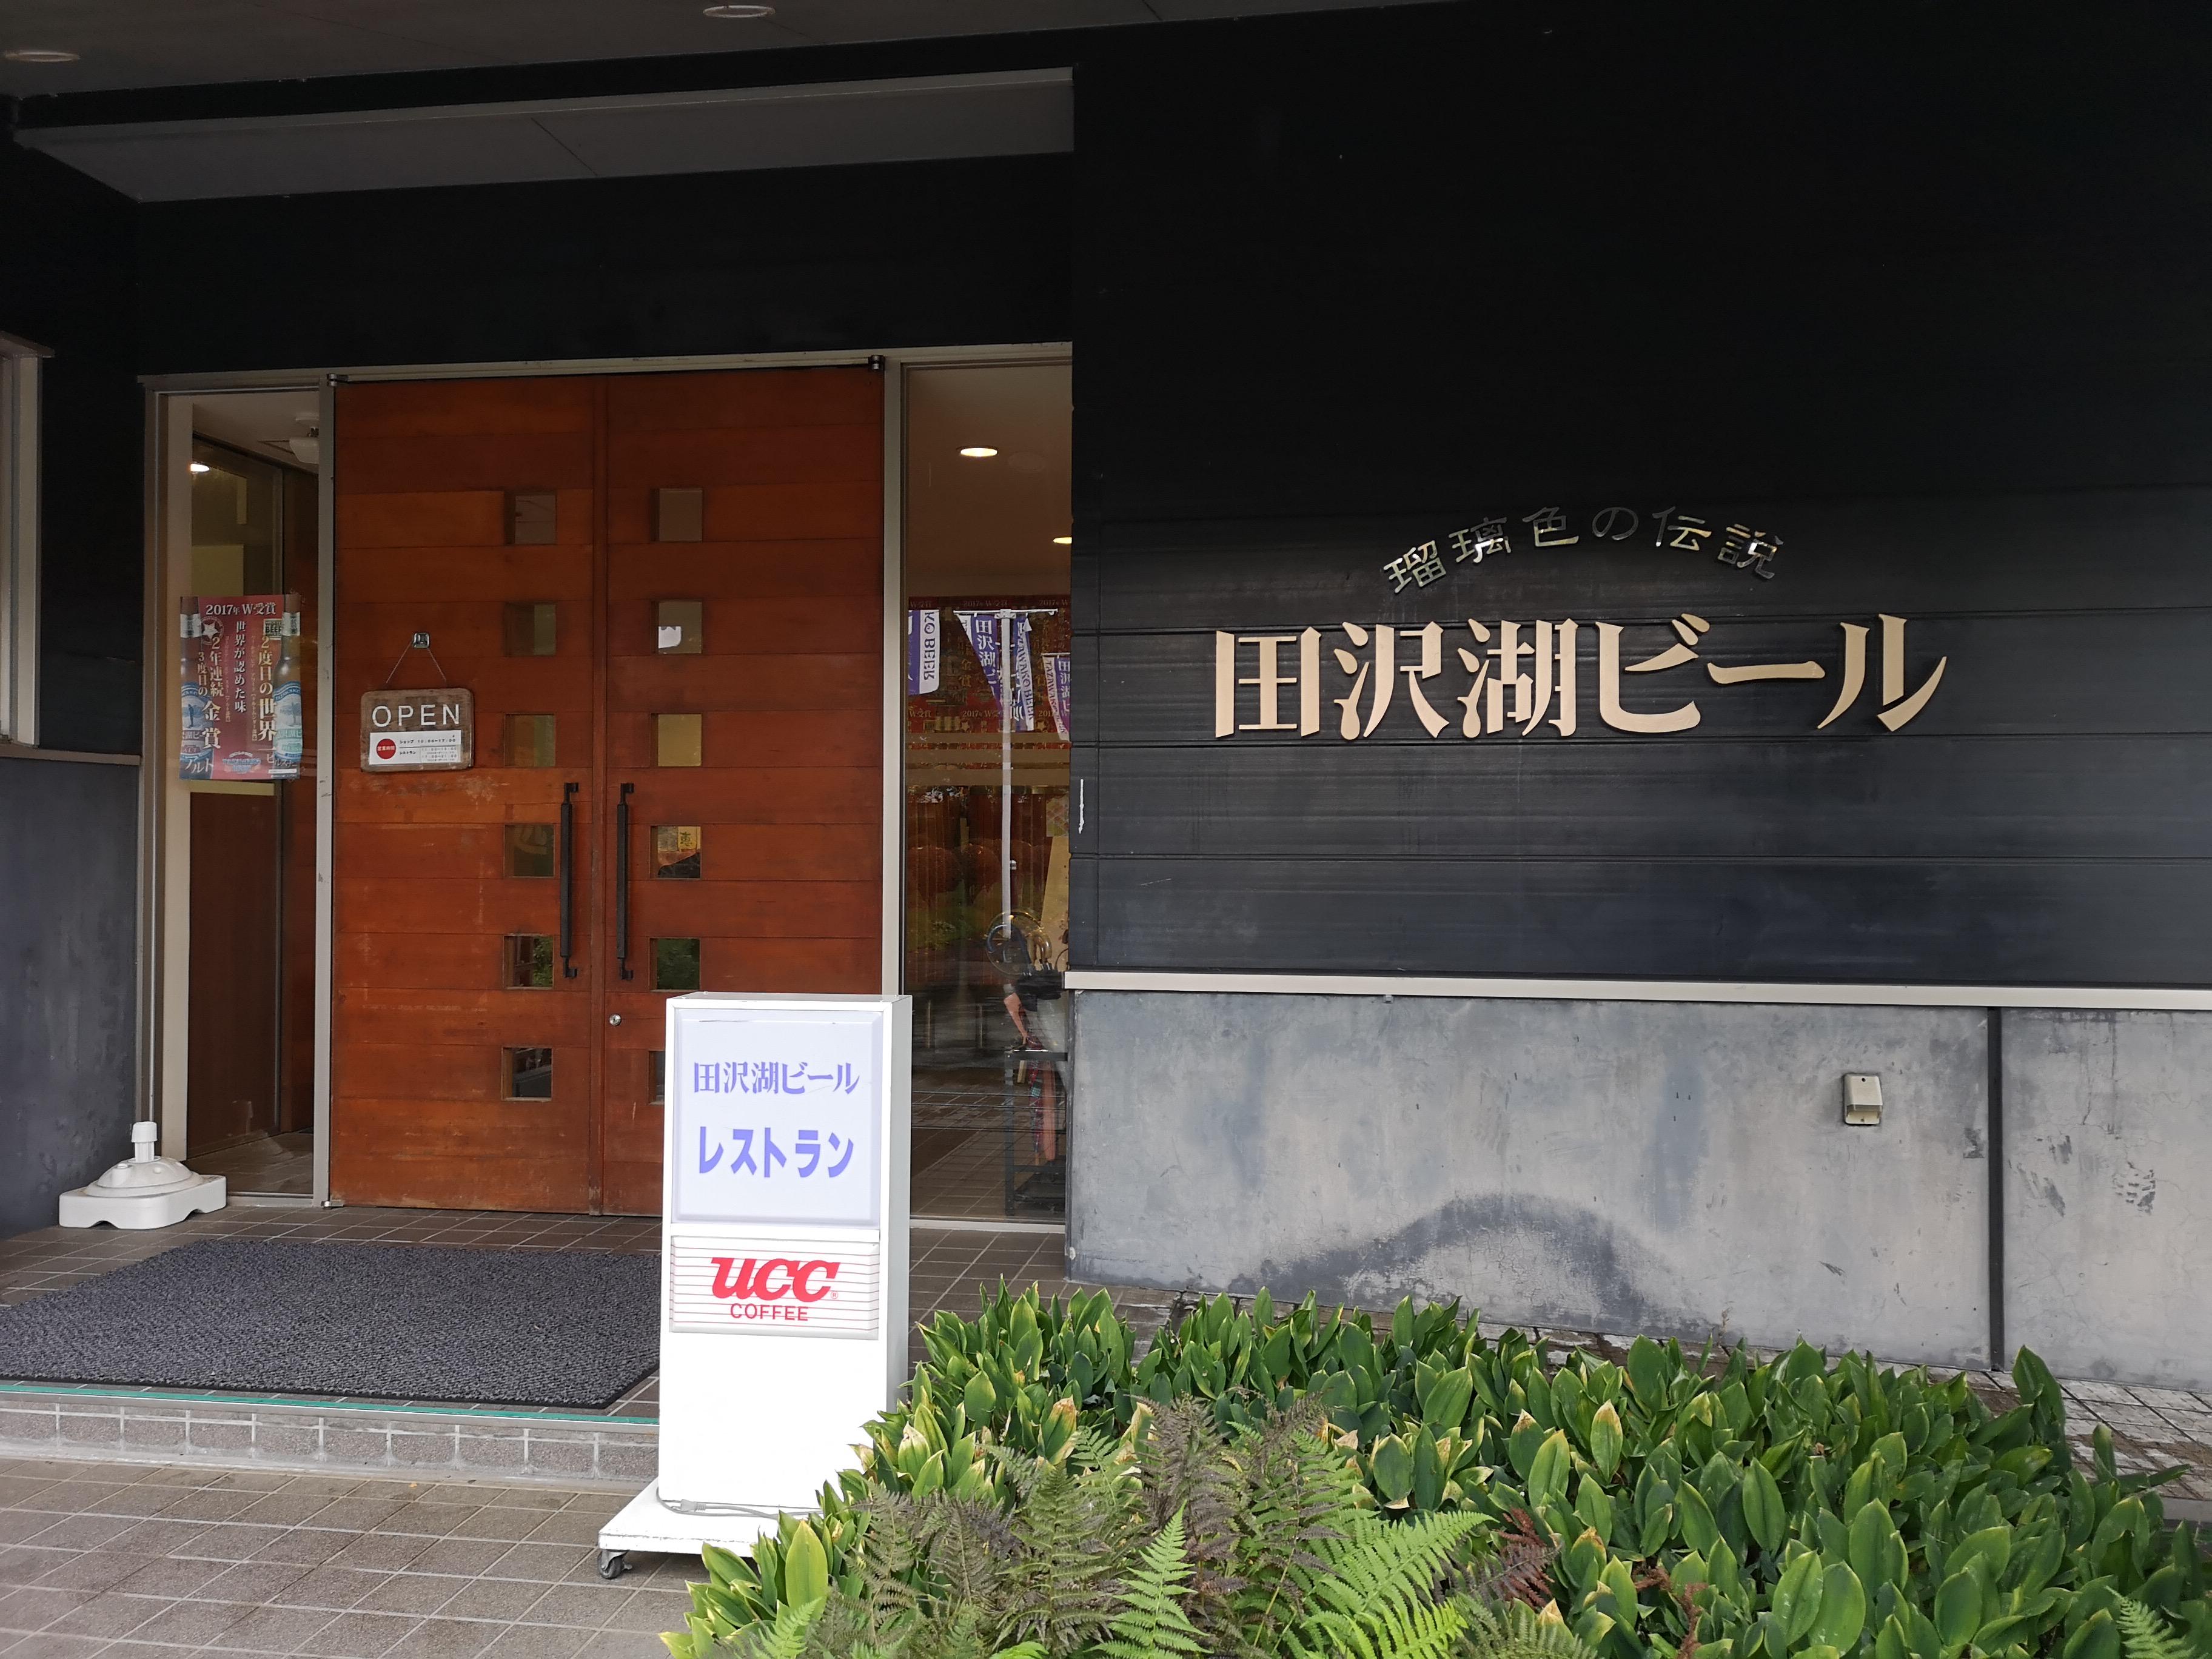 YUNAさんを秋田県に移住させるぞ♨vol.3あきた芸術村、温泉ゆぽぽ、地ビールがガチで美味い😋